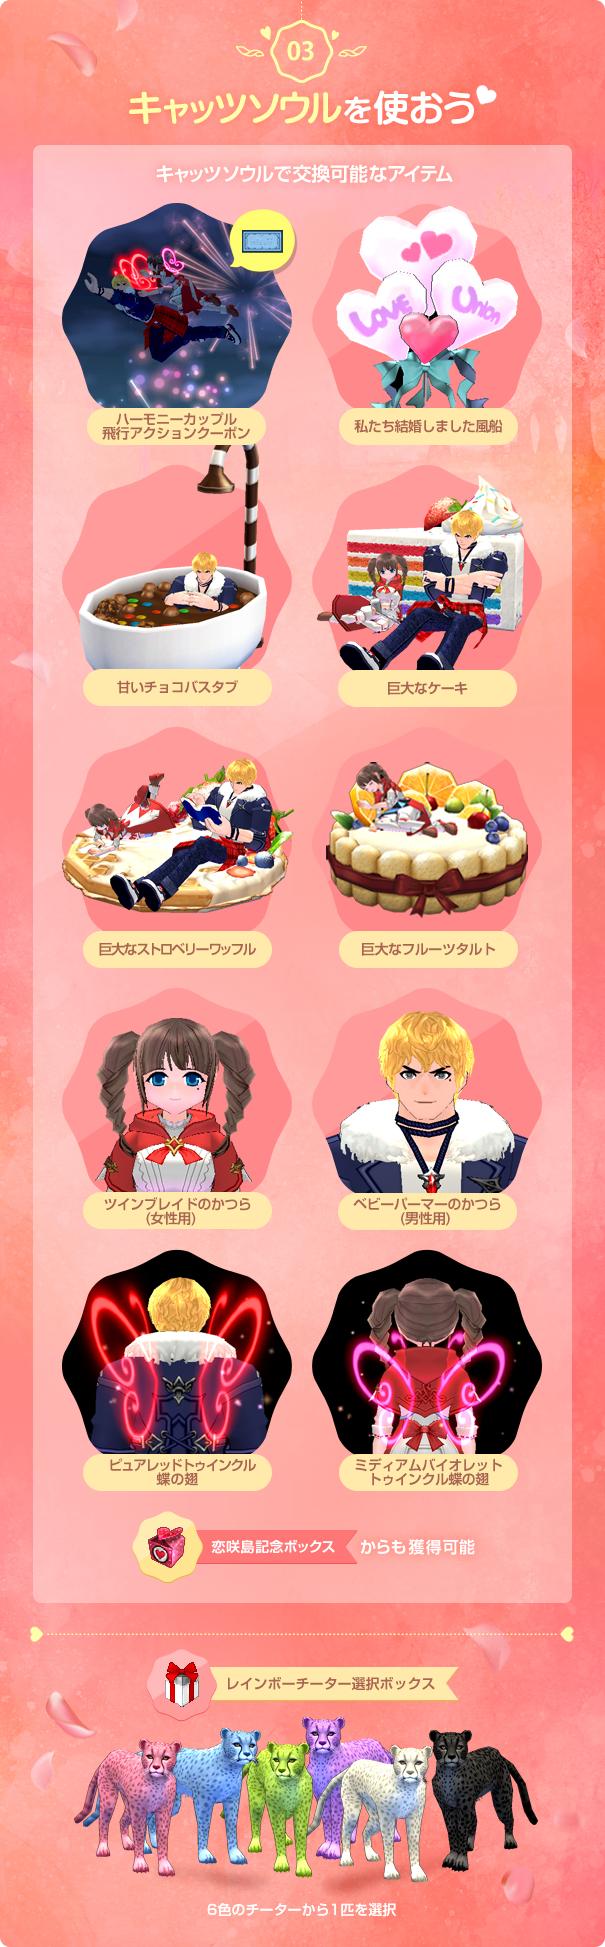 「恋咲島」イベント実施のお知らせ